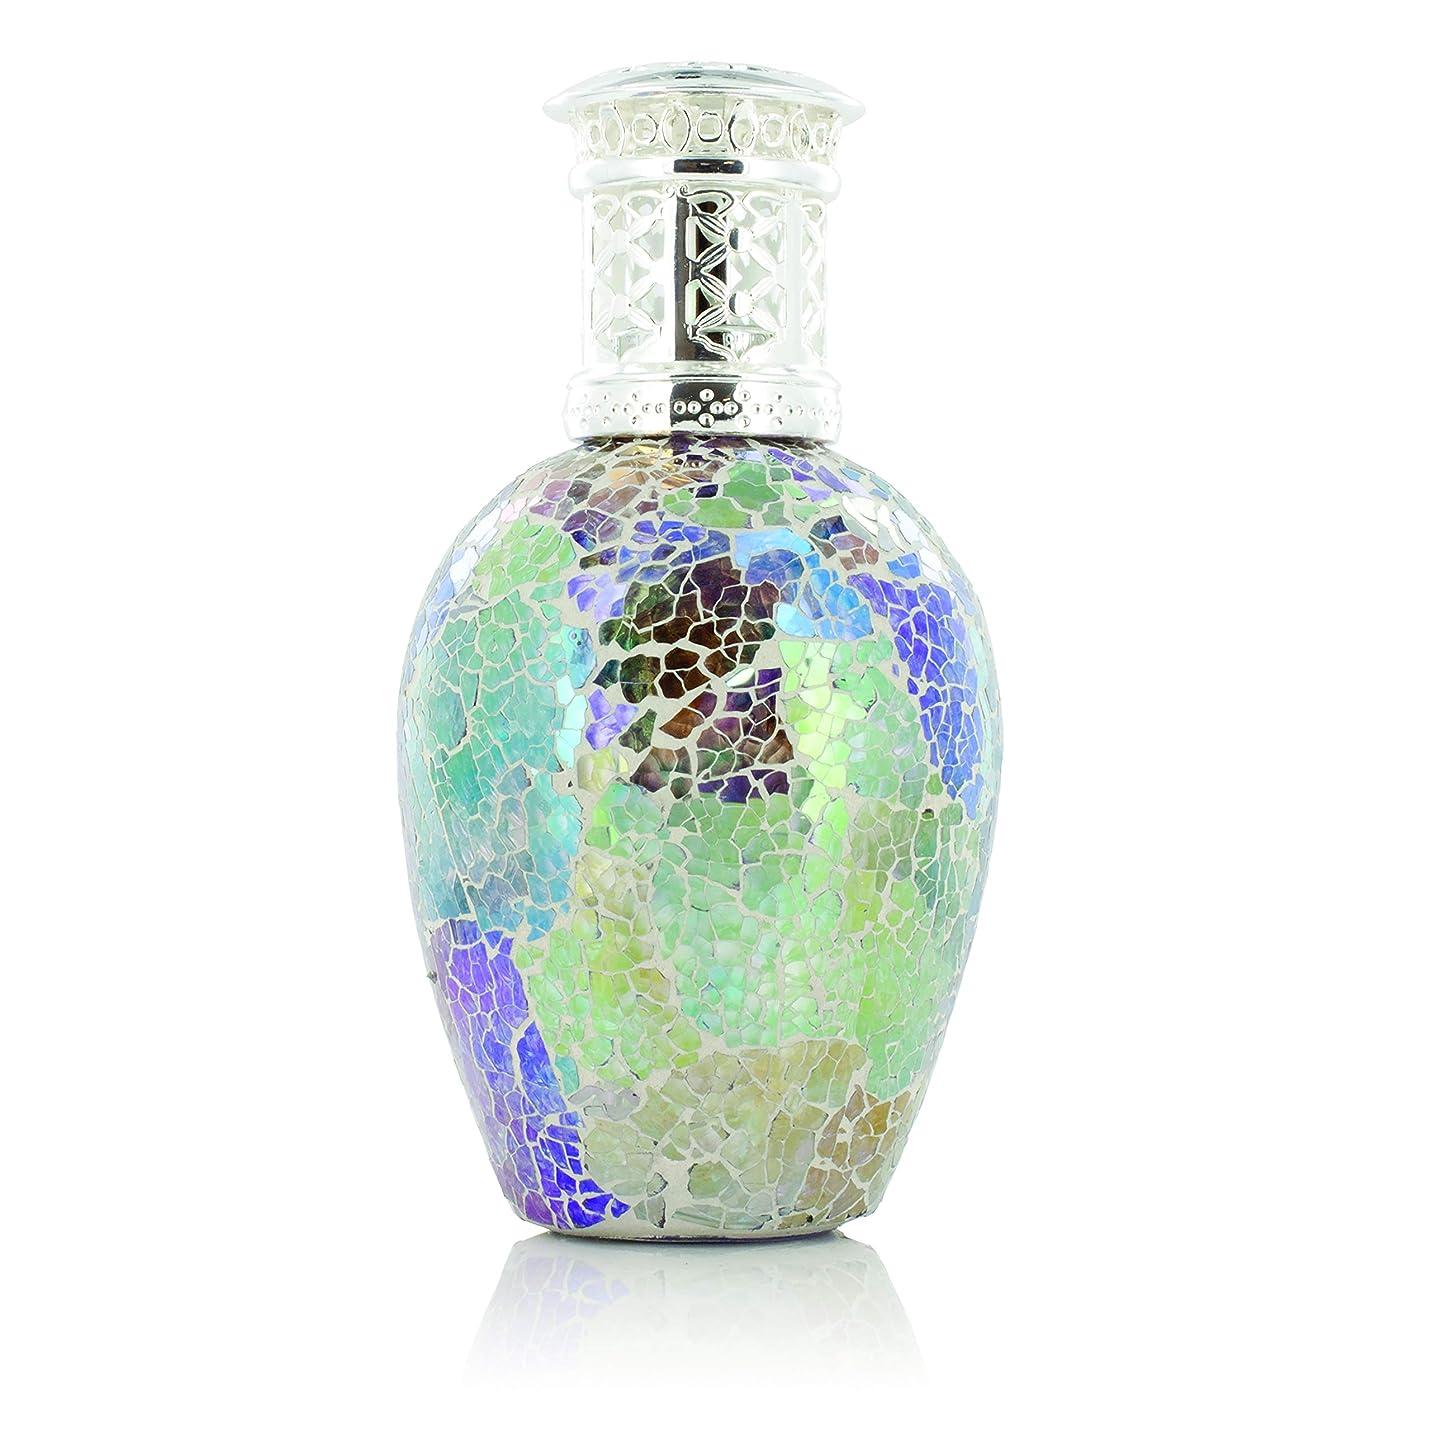 明確な周辺欲しいですAshleigh&Burwood アシュレイ&バーウッド Fragrance Lamps size L フェアリーダスト